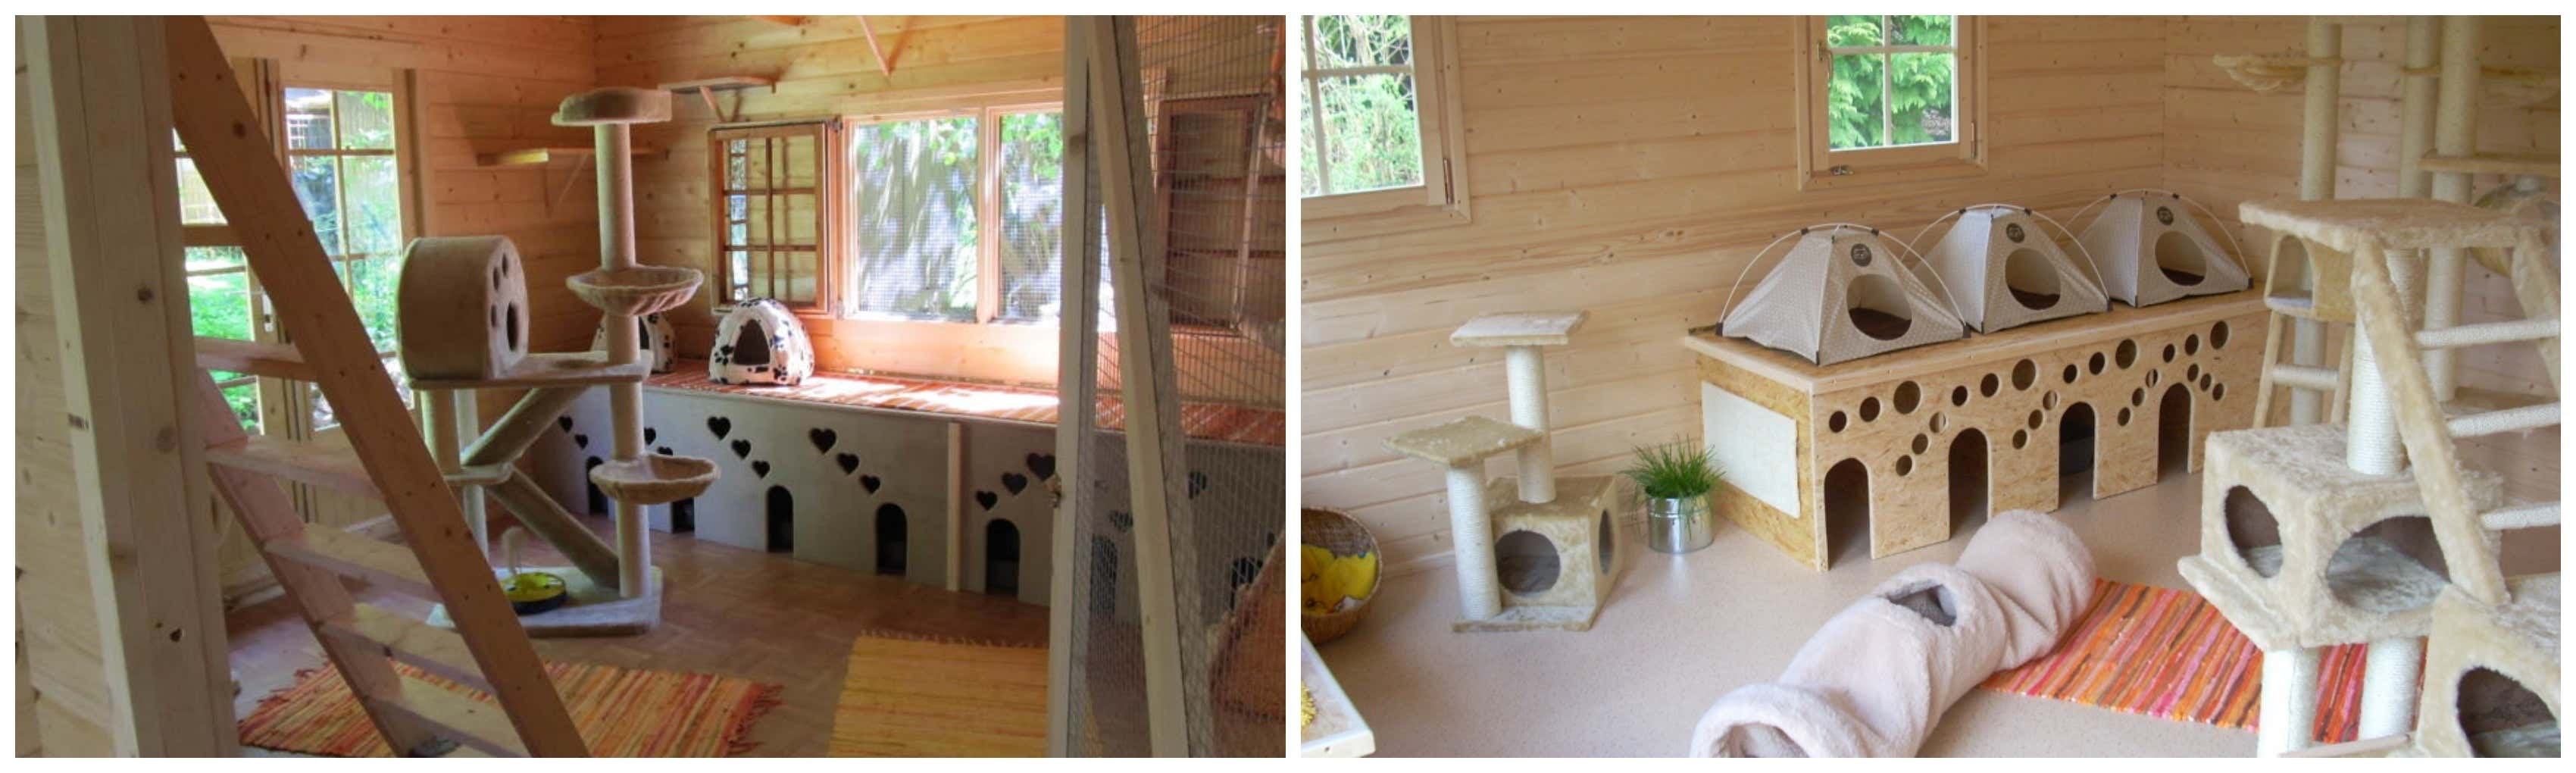 tierpension im gartenhaus urlaub f r katzen. Black Bedroom Furniture Sets. Home Design Ideas